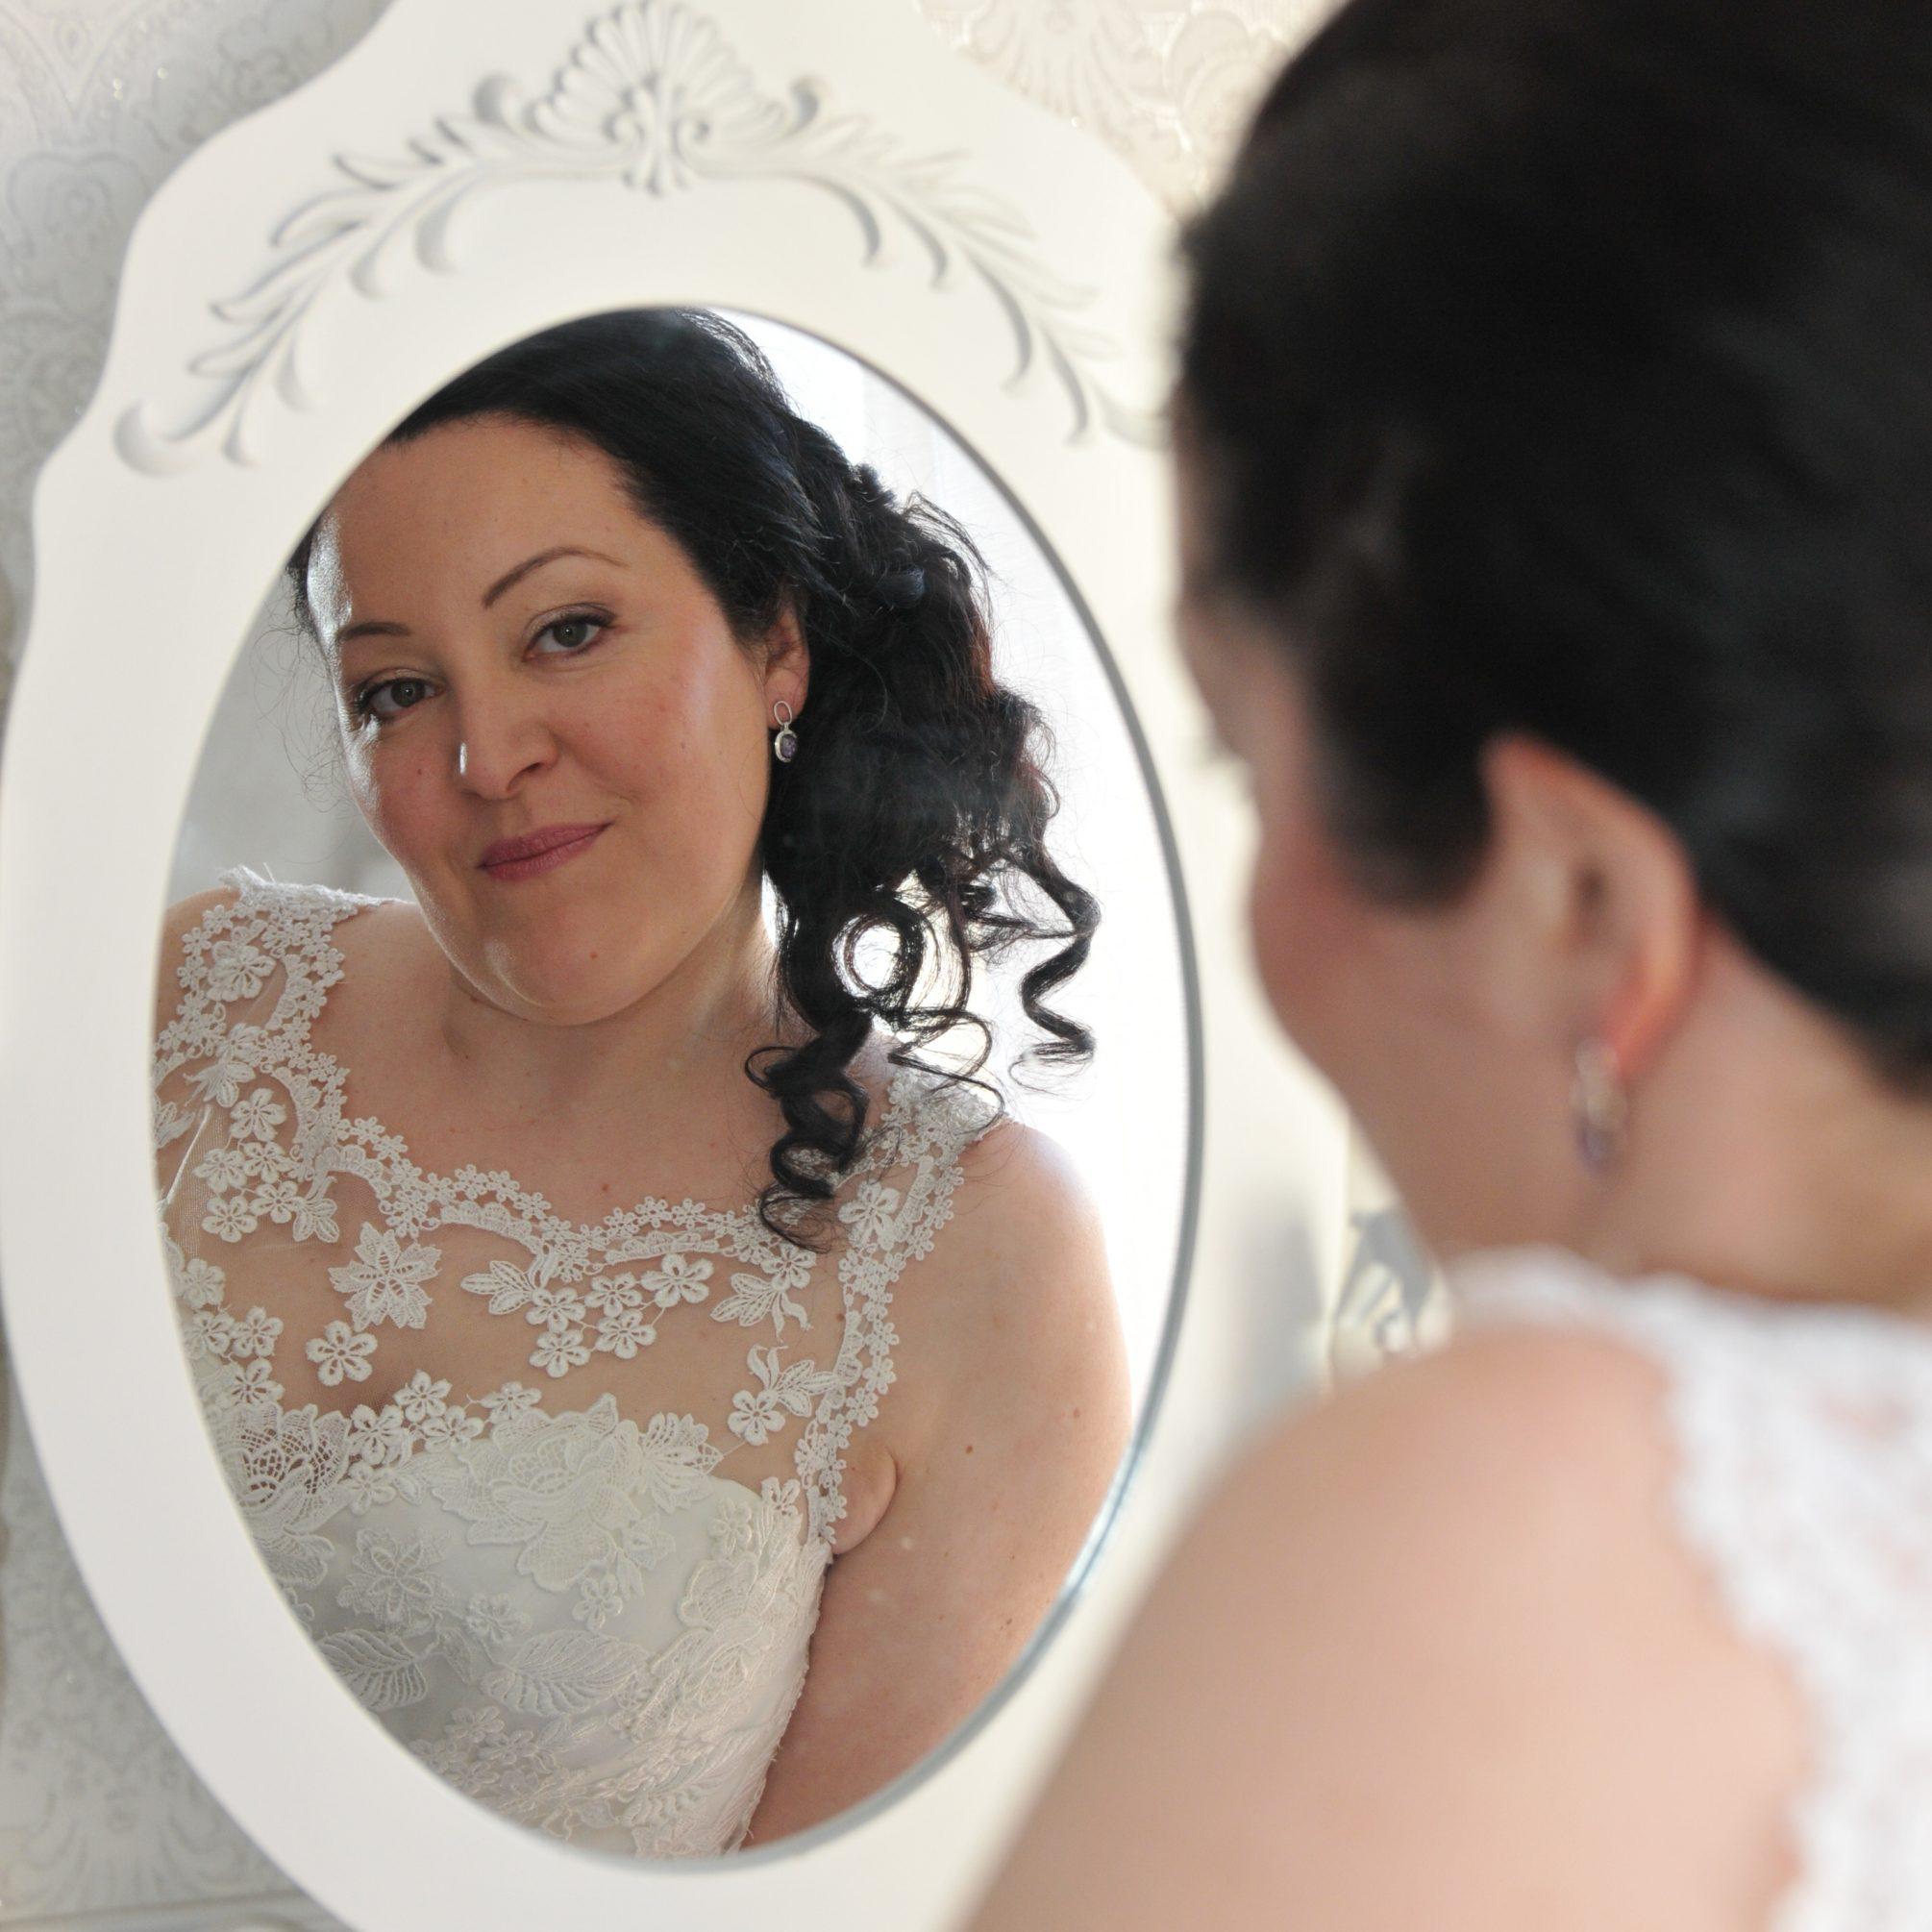 reportages-photo-66/photographe-de-mariage-66-perpignan/